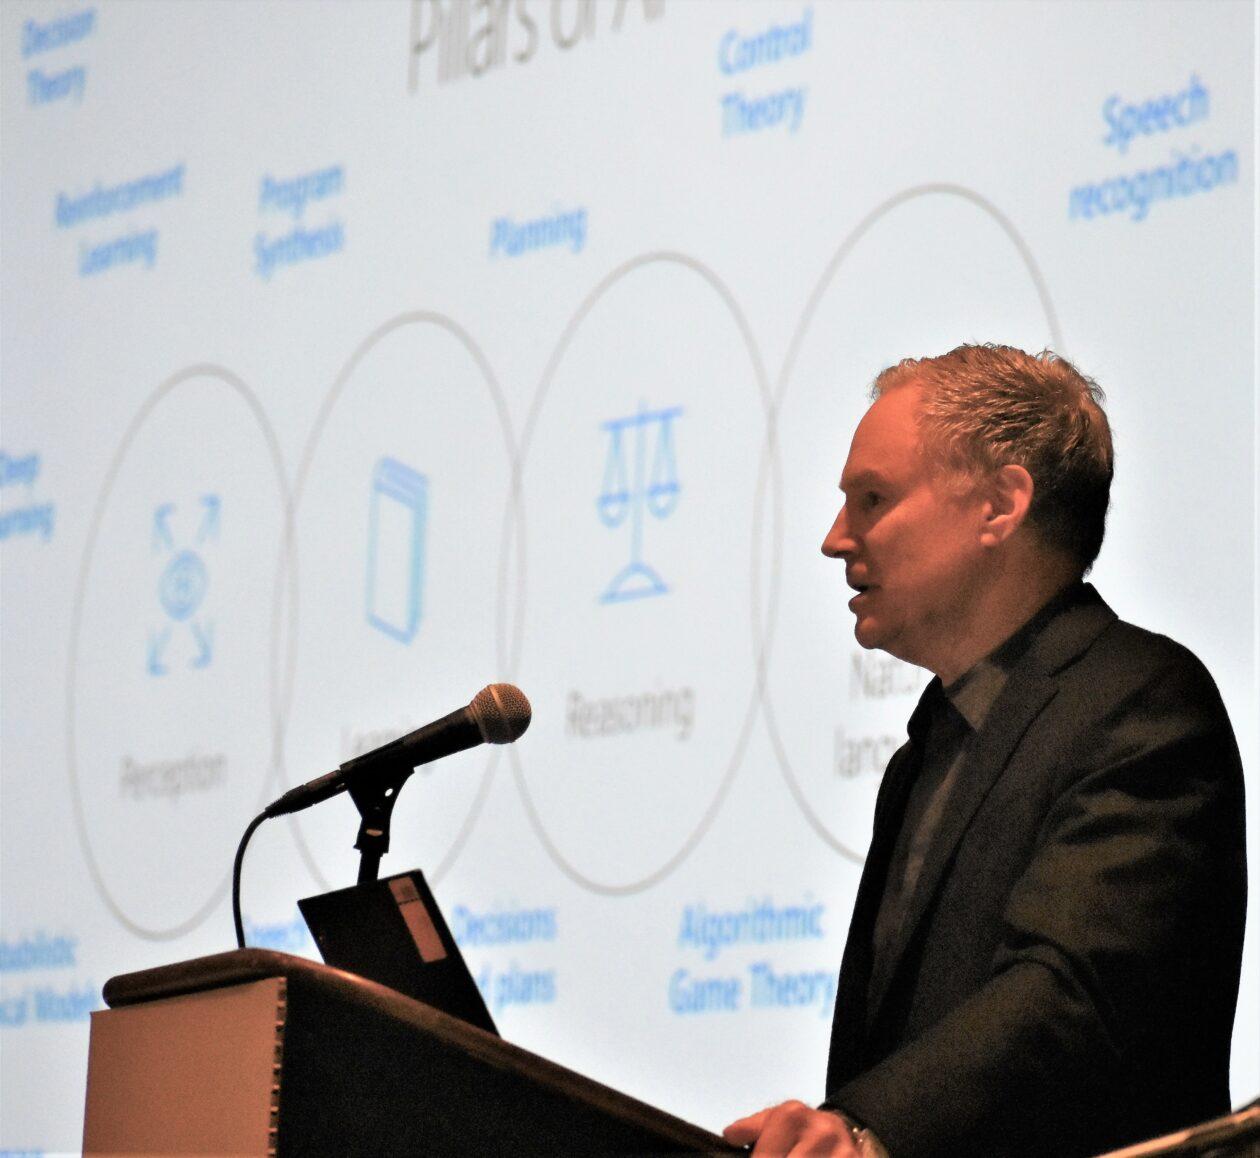 AI vs. humans? Microsoft's Eric Horvitz sees the future as AI-human partnership